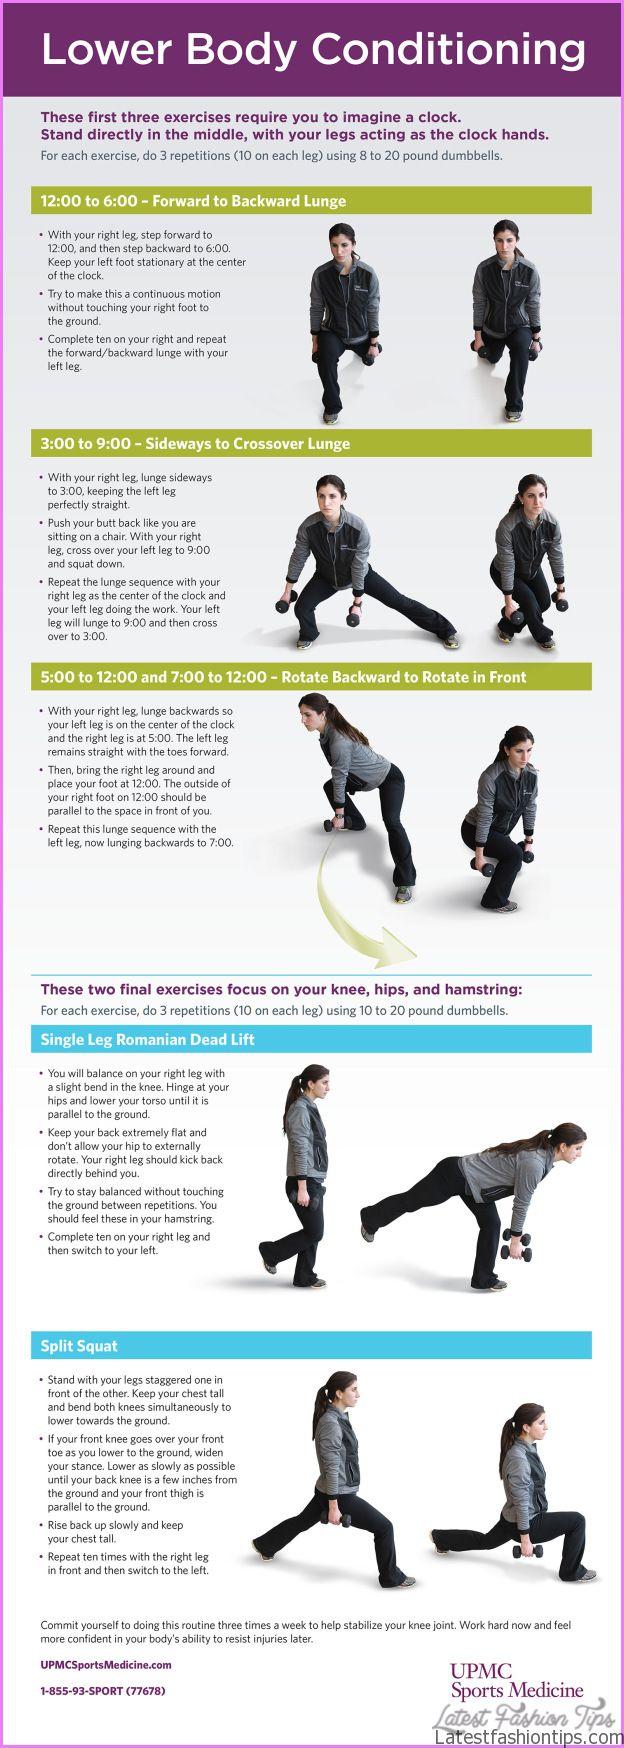 Lower Body Exercises_27.jpg